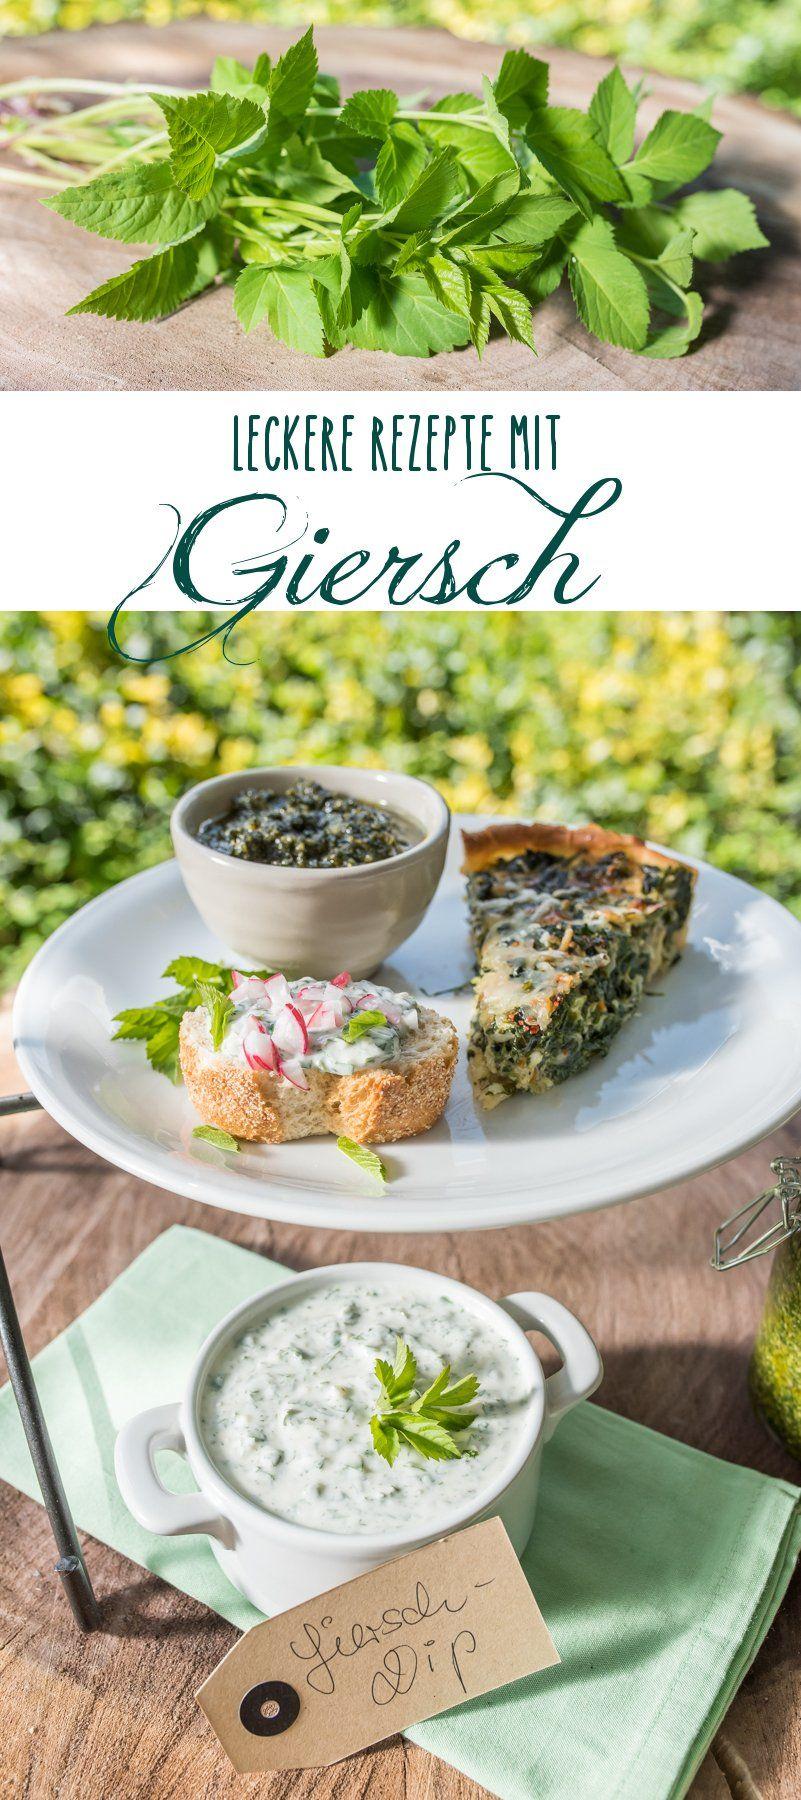 Aus Mamas Garten: Drei Rezepte mit Giersch #kleinekräutergärten